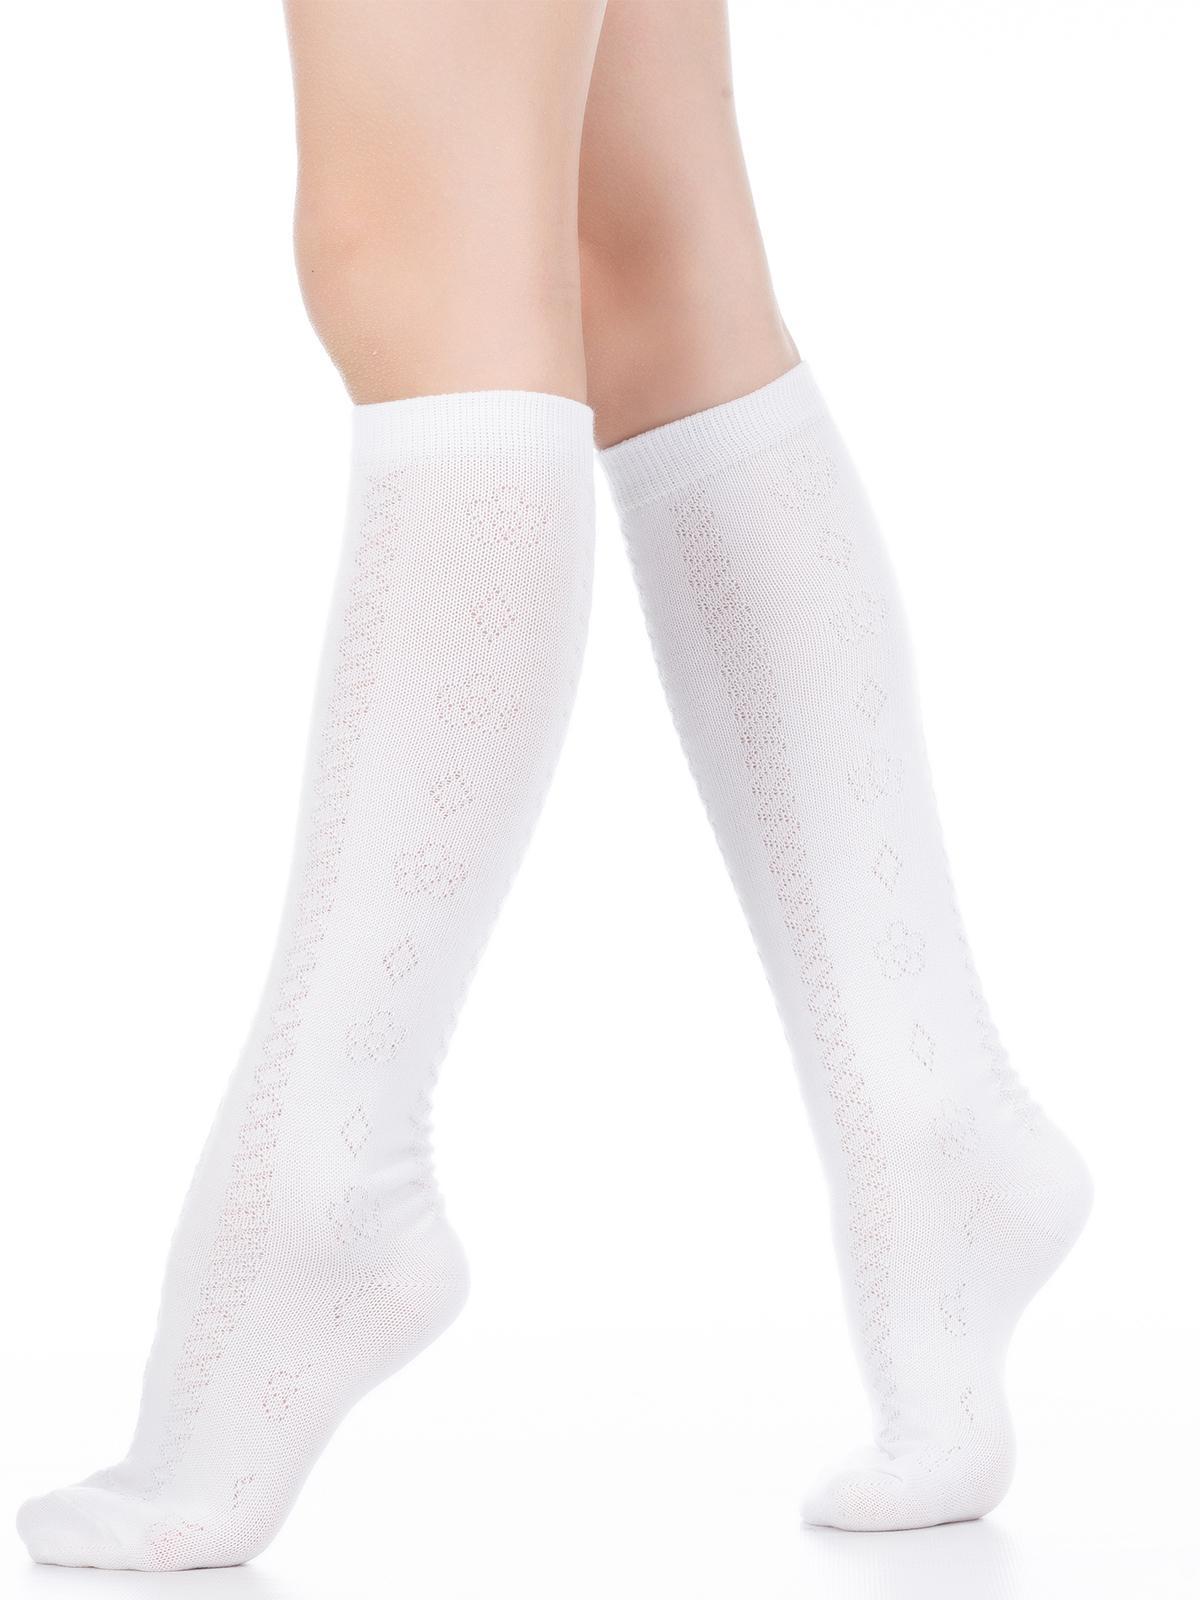 Купить Гольфы детские Hobby Line 839 ажурные, классика, белый, 18, Гольфы для девочек